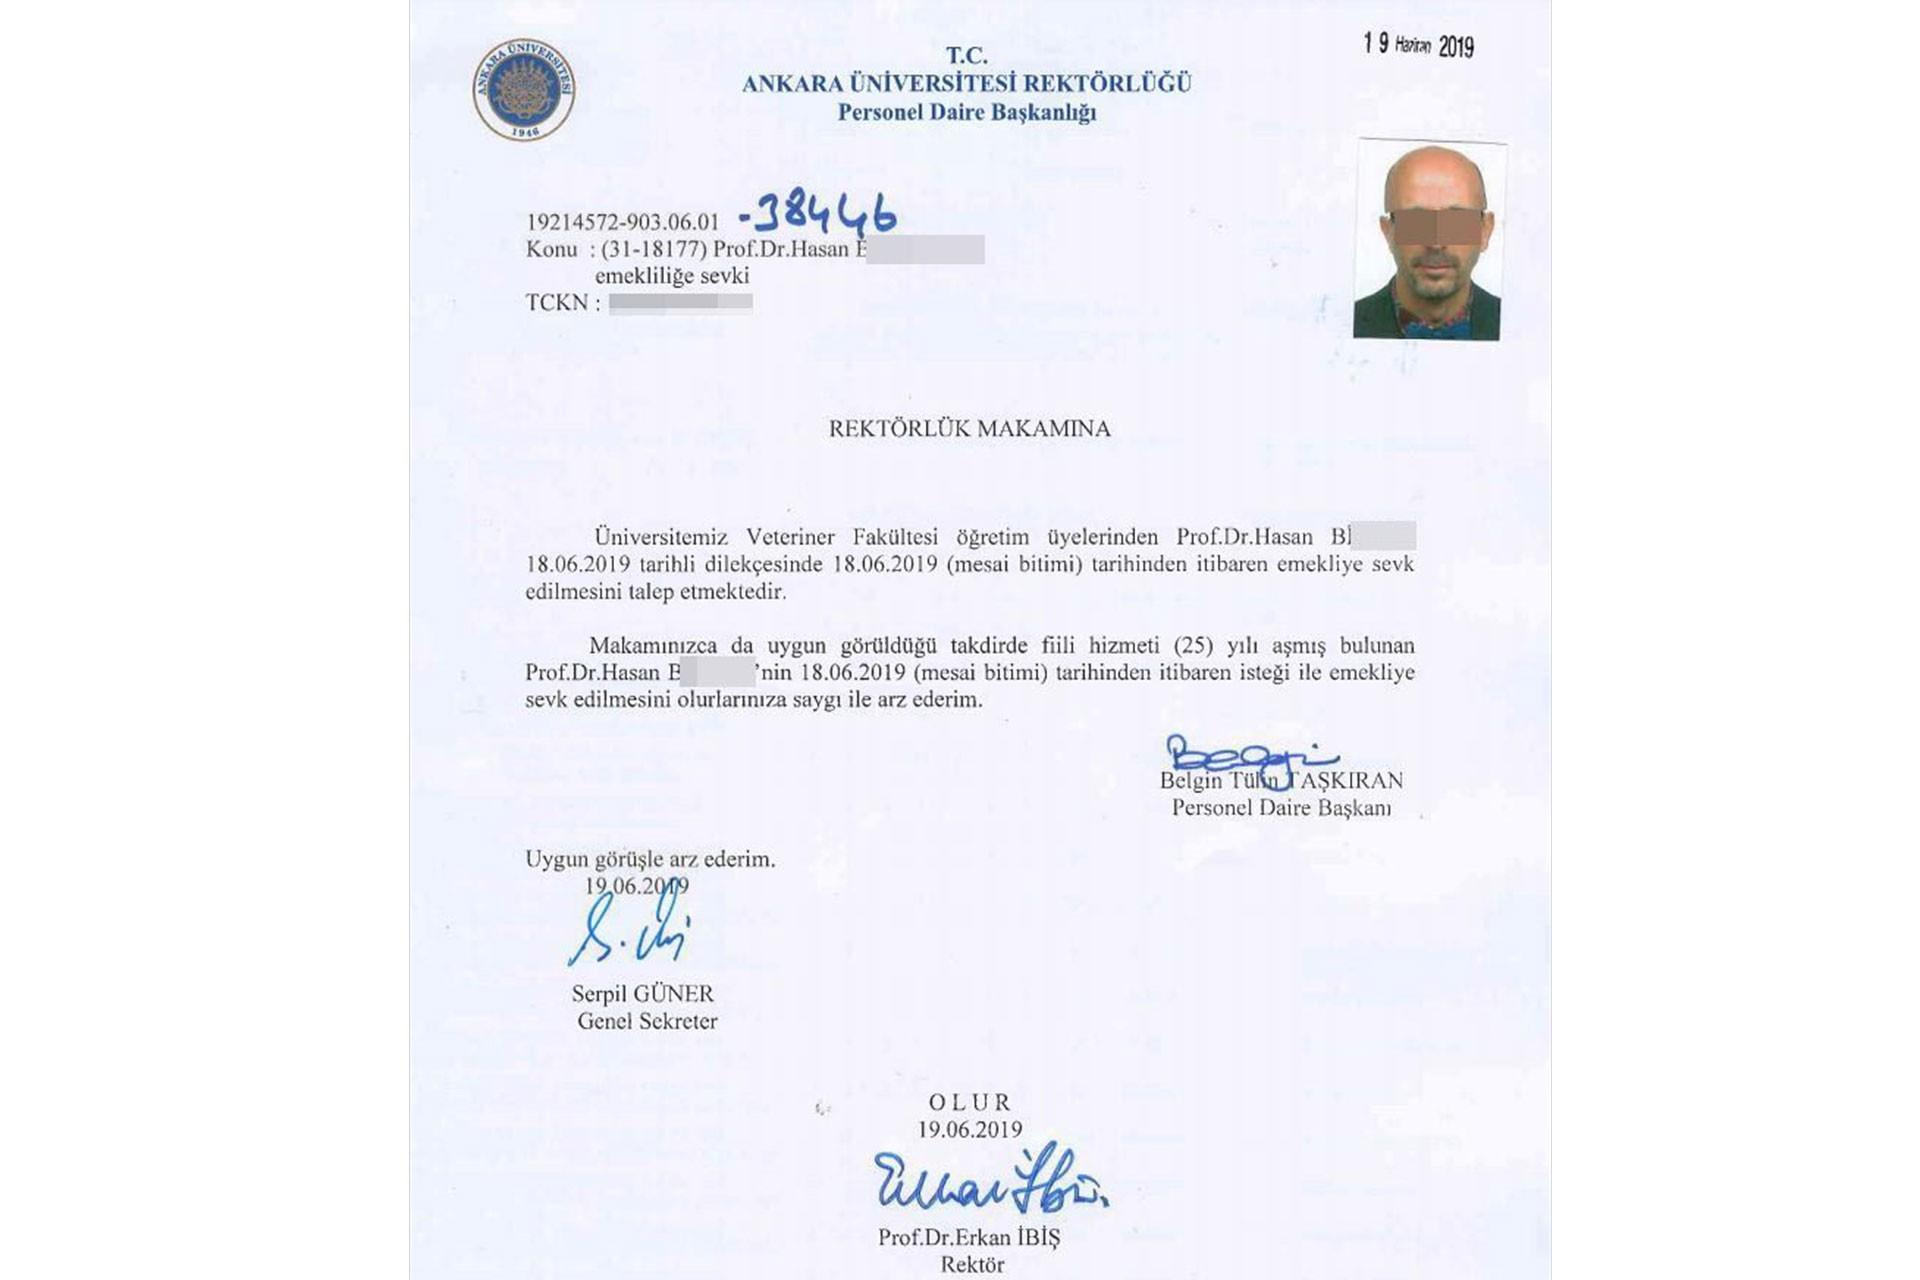 Cinsel saldırı sanığı Prof. Dr. Hasan B.'ye jet emeklilik